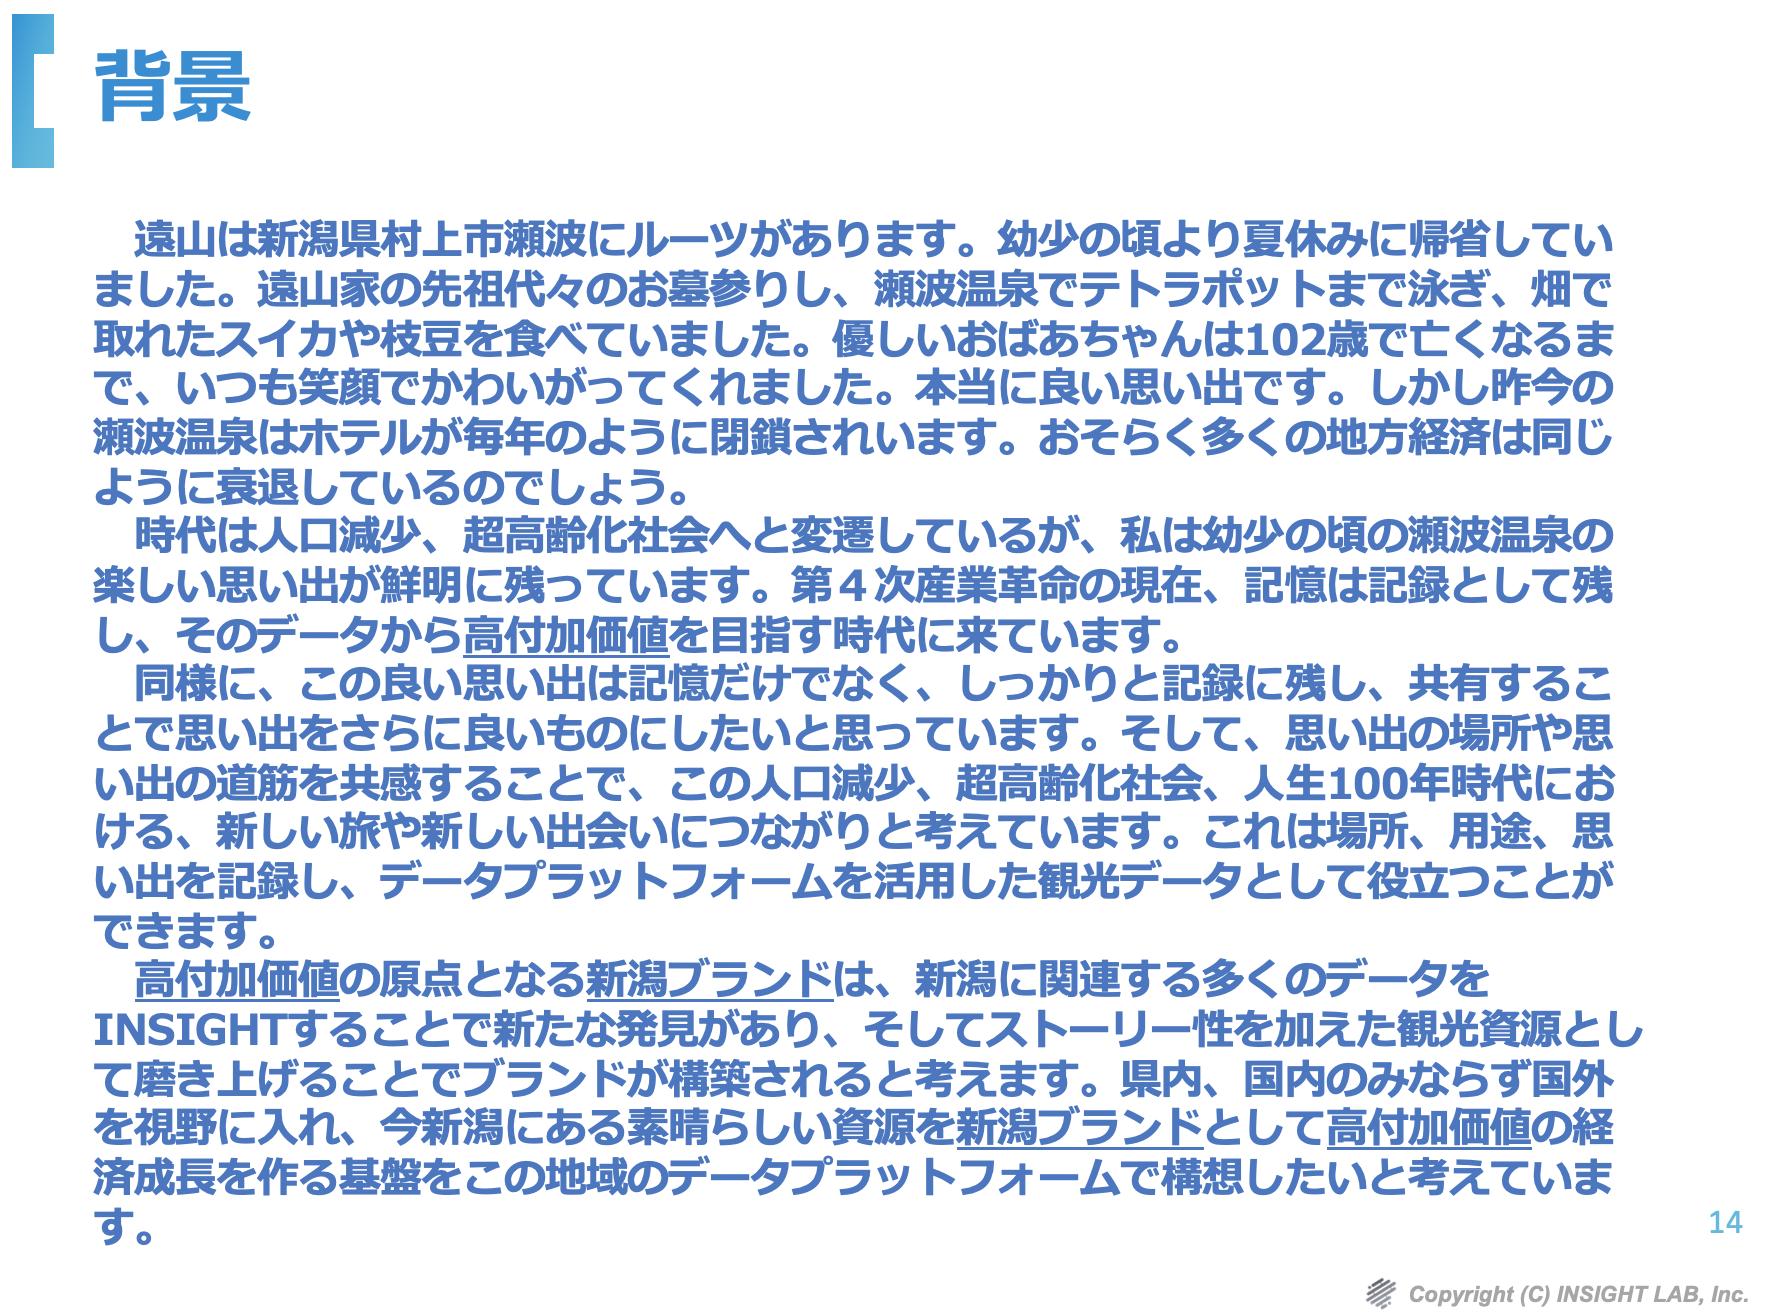 スクリーンショット 2020-07-07 16.00.01